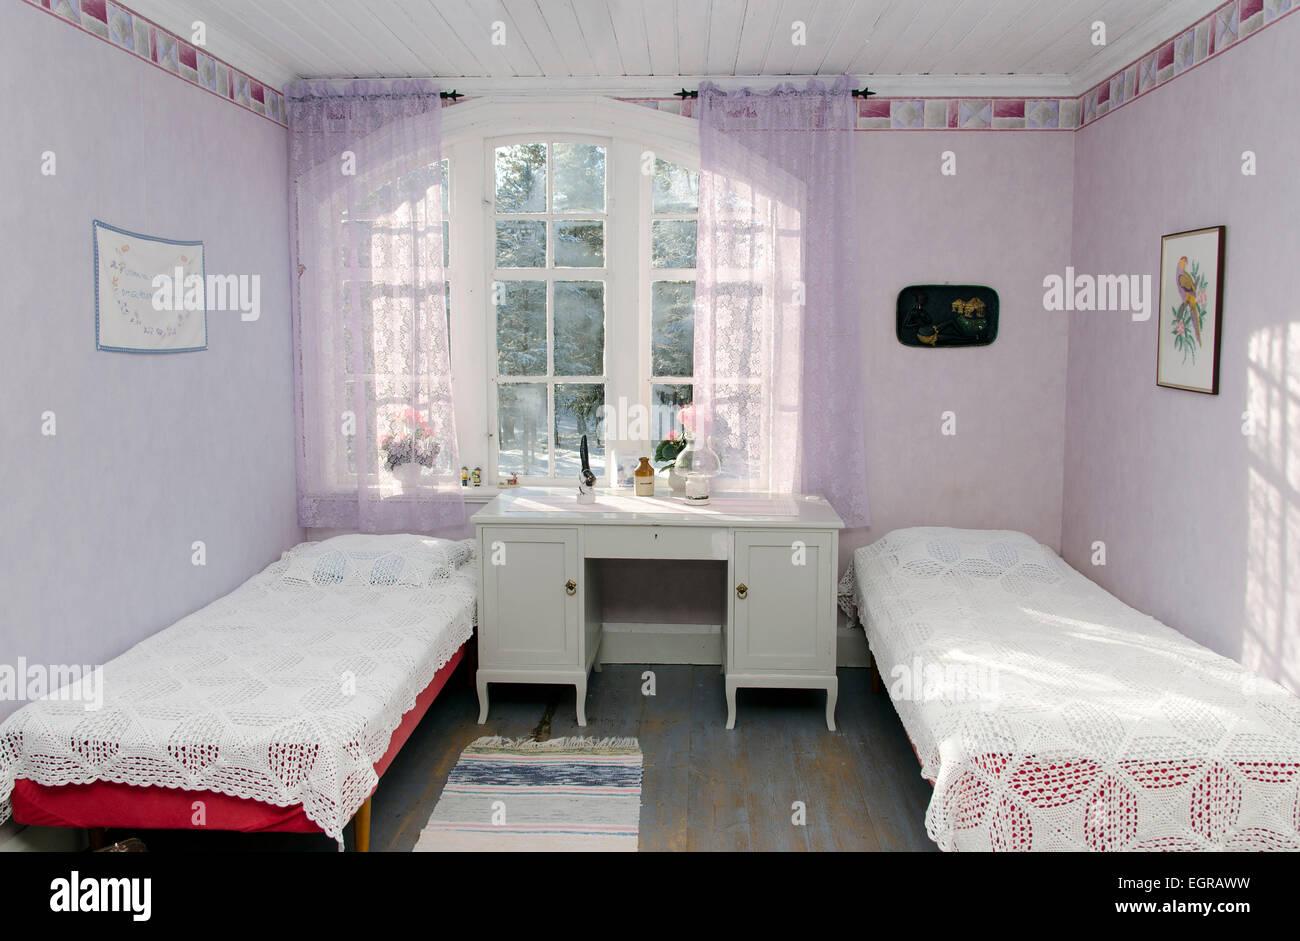 Chambre Vintage en rose avec deux lits doubles avec couvre-lits au ...